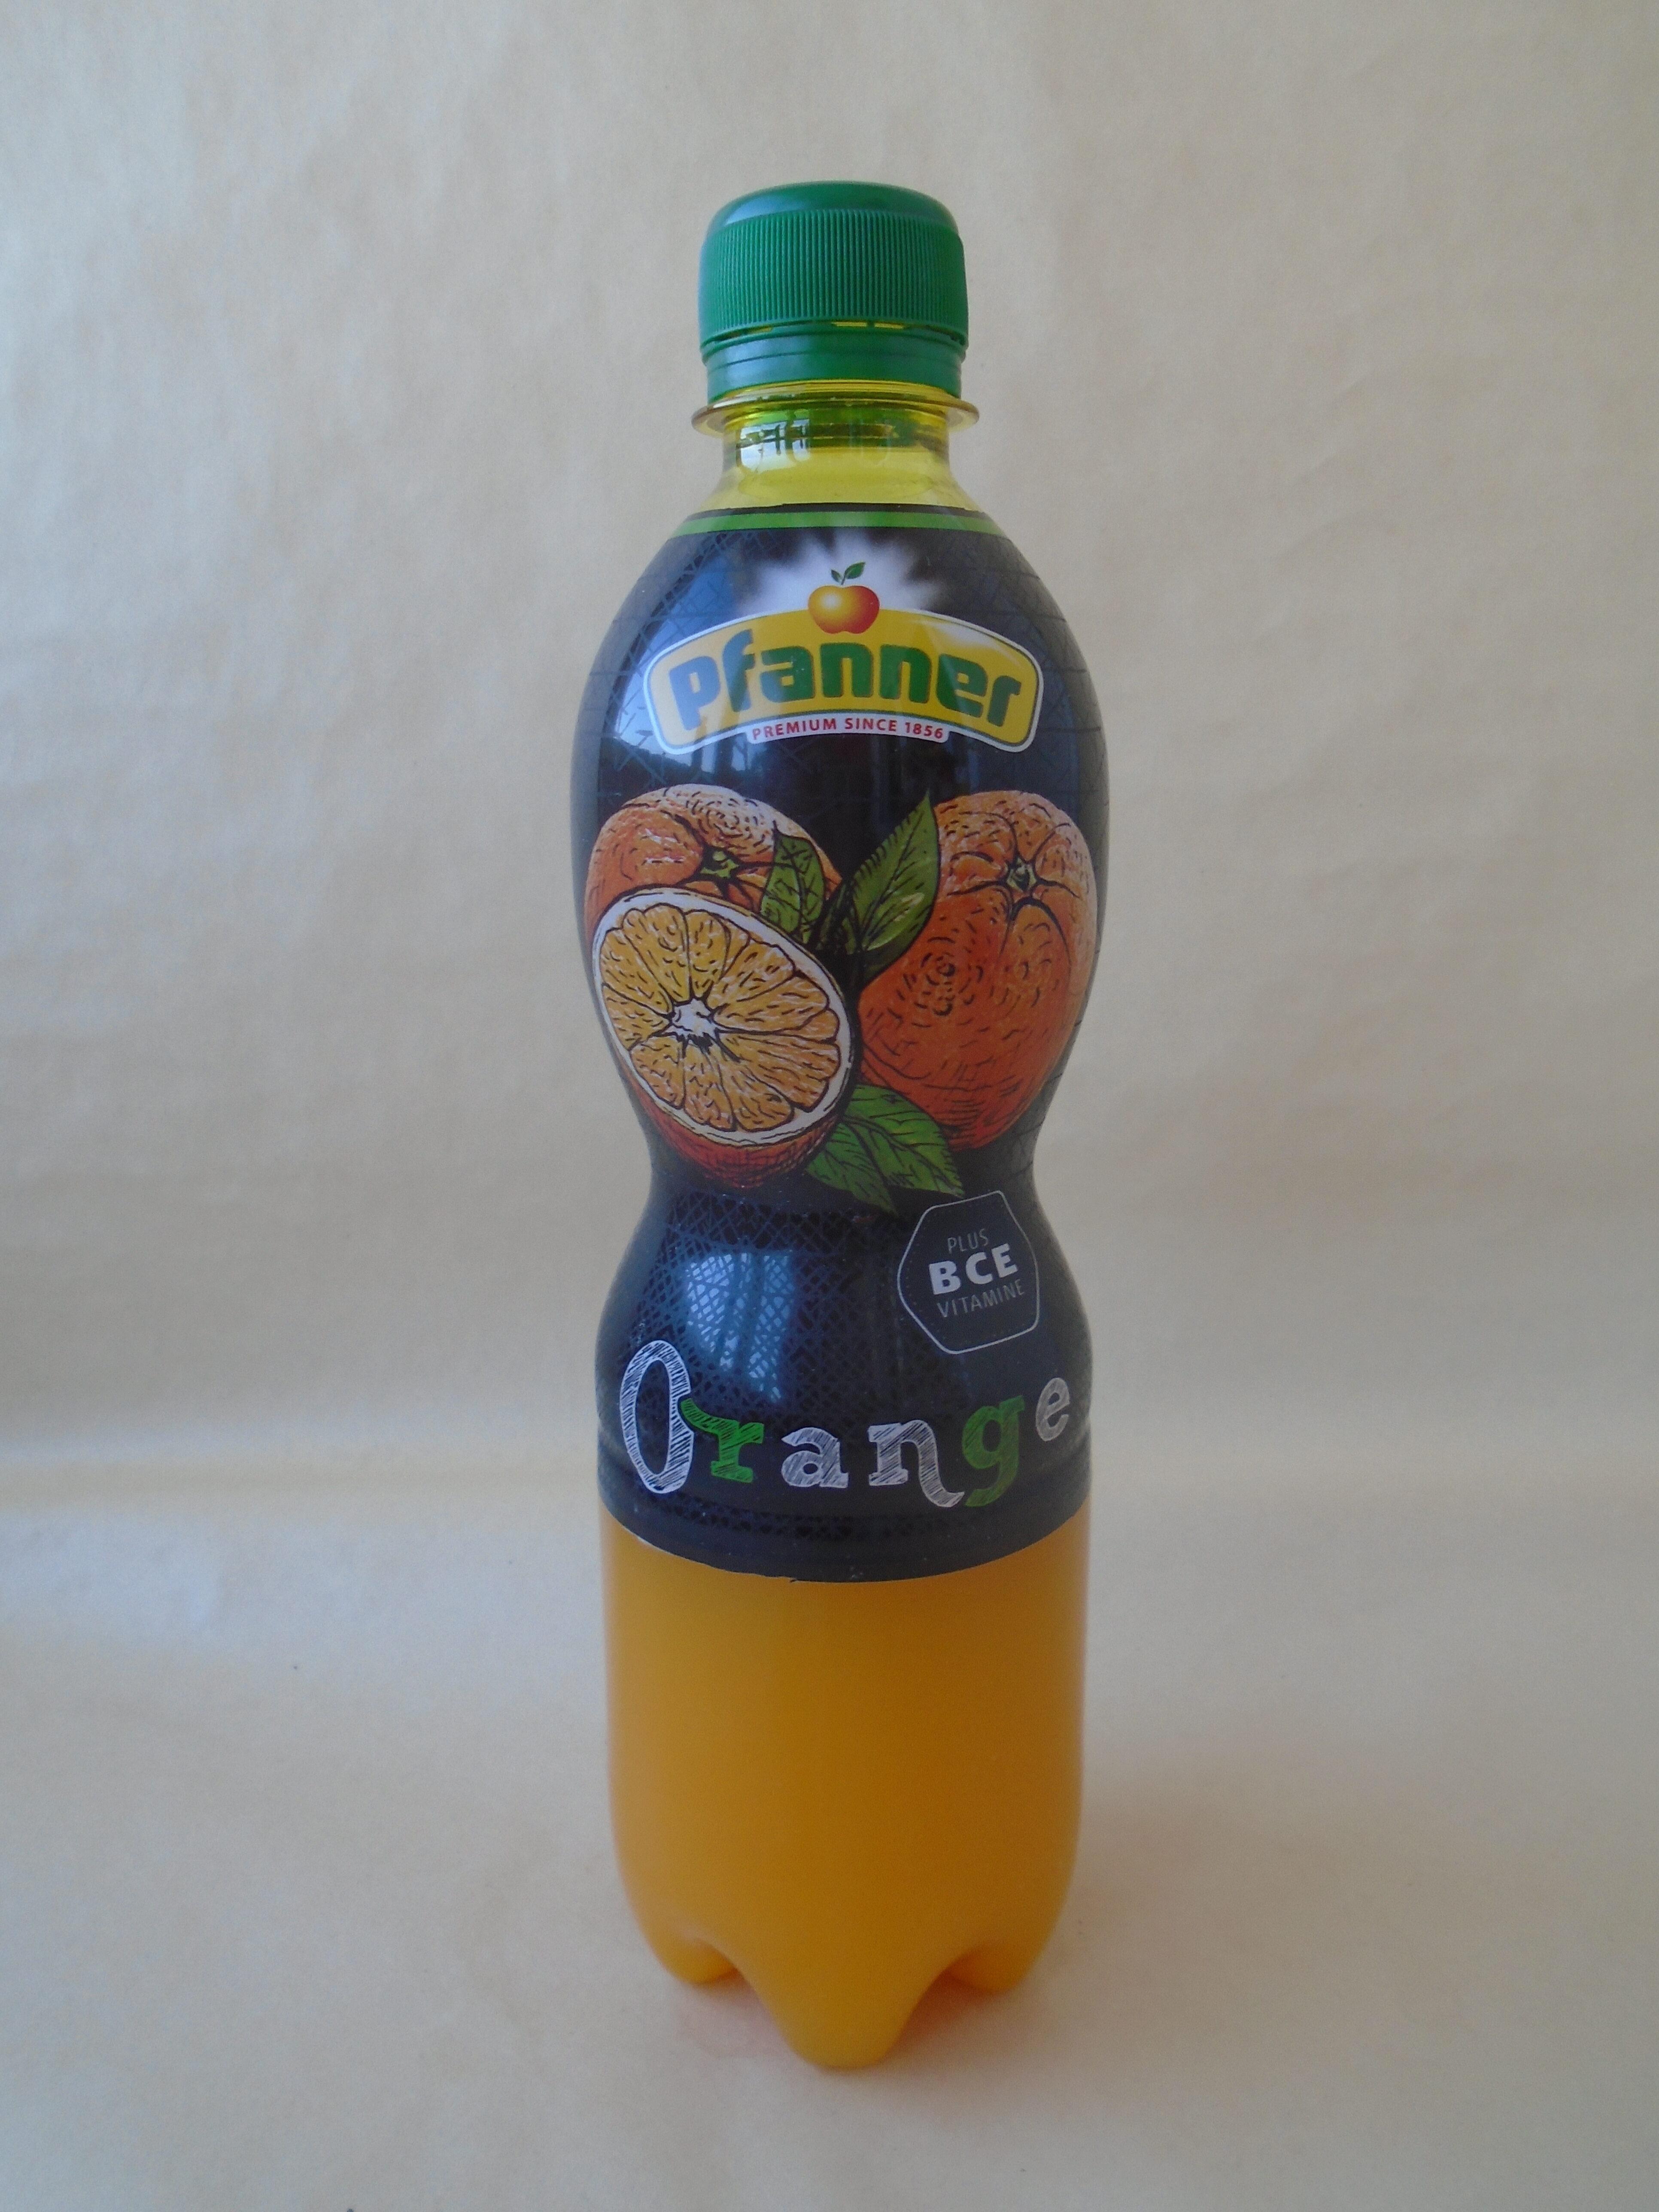 Pfanner portocale - Prodotto - ro